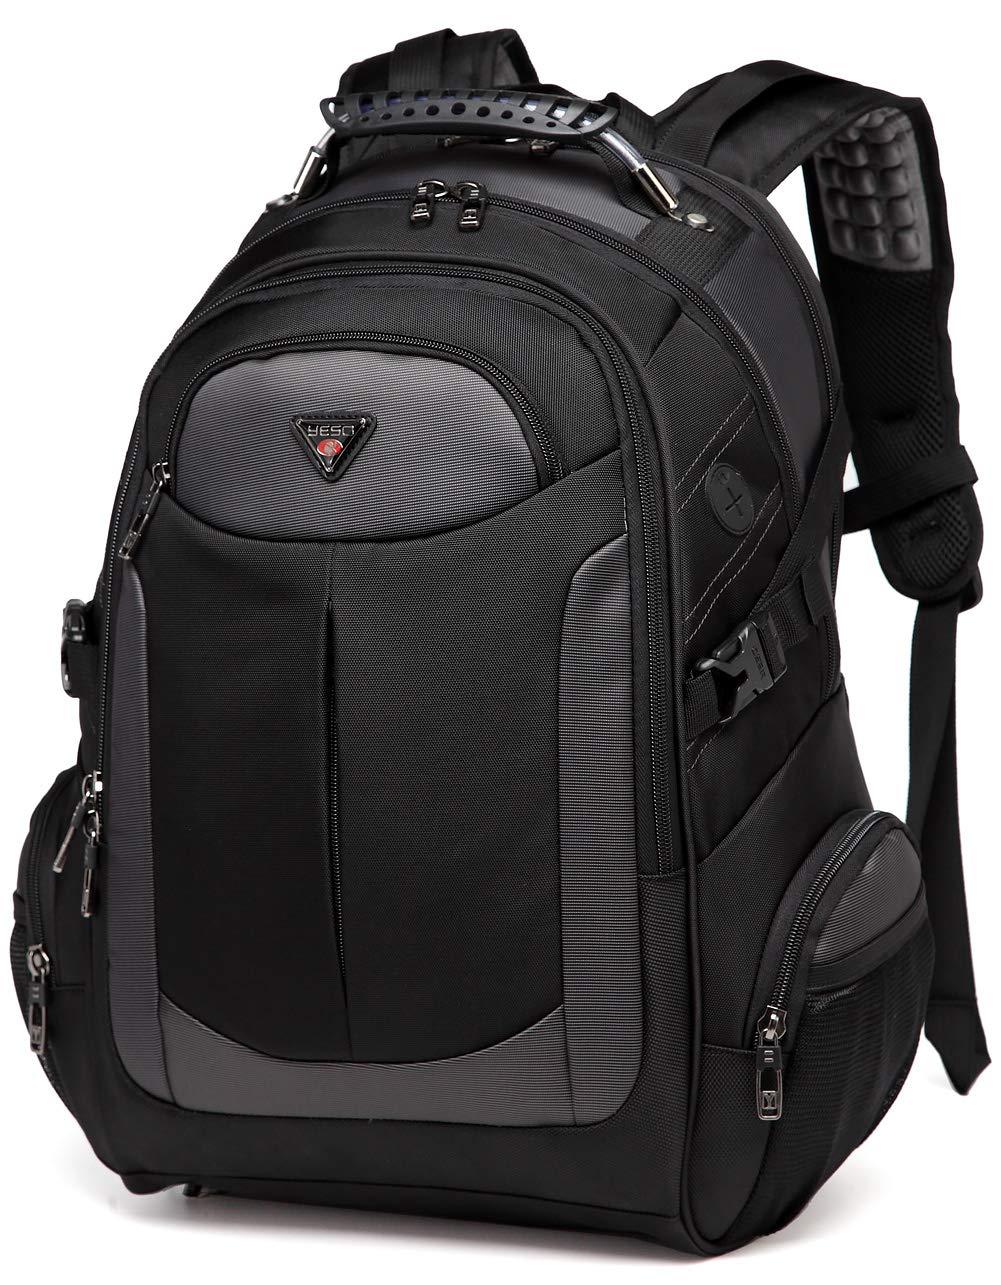 11c2e849bc02 Amazon.com  Travel Laptop Backpack